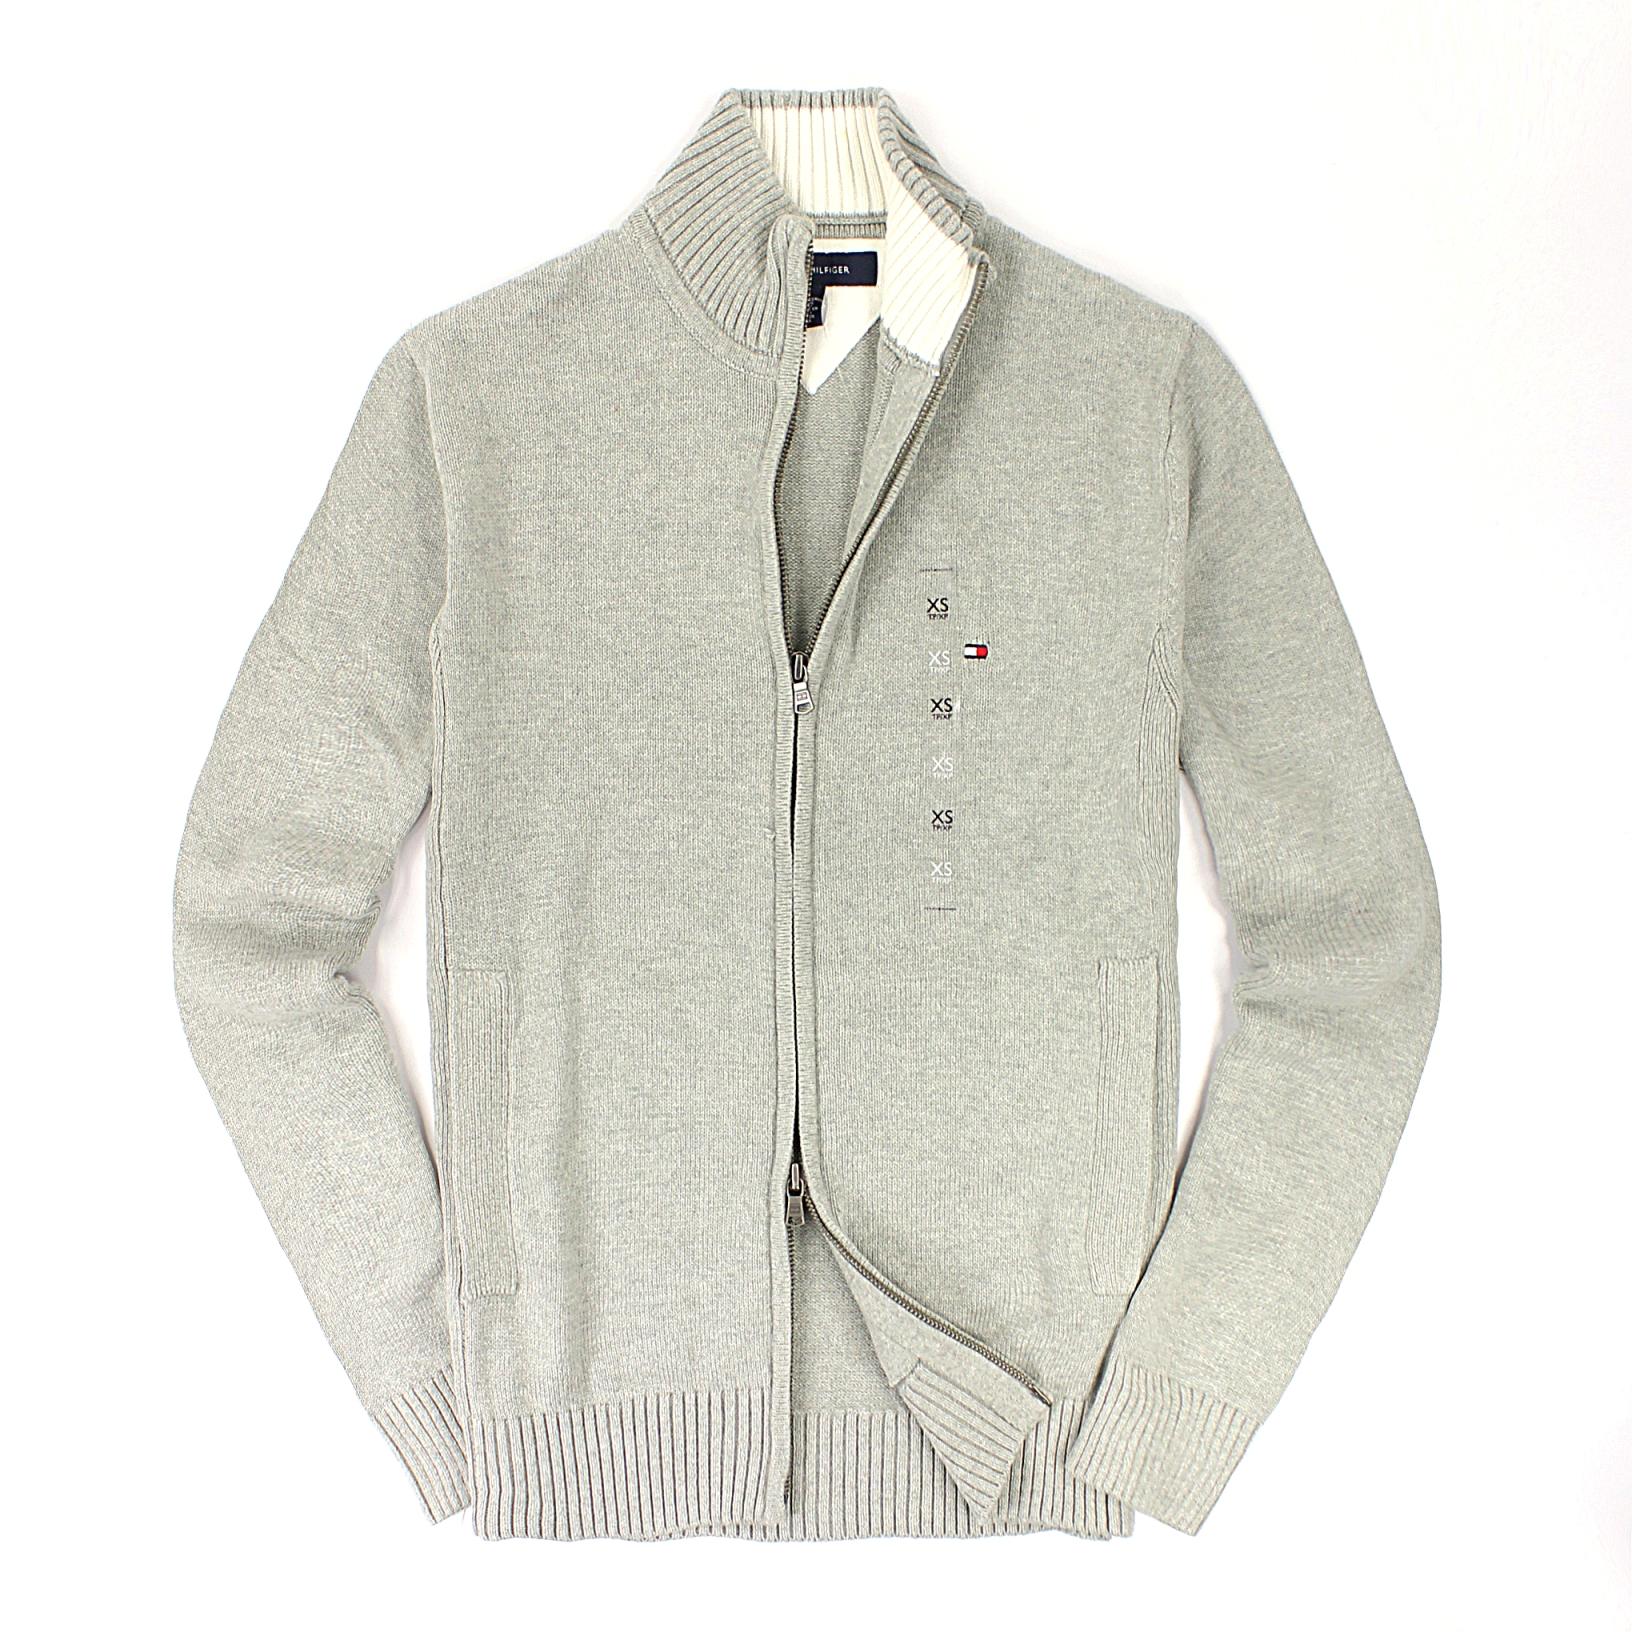 美國百分百【全新真品】Tommy Hilfiger 外套 TH 針織衫 長袖 灰色 素面 雙頭拉鍊 純棉 男 XS S號